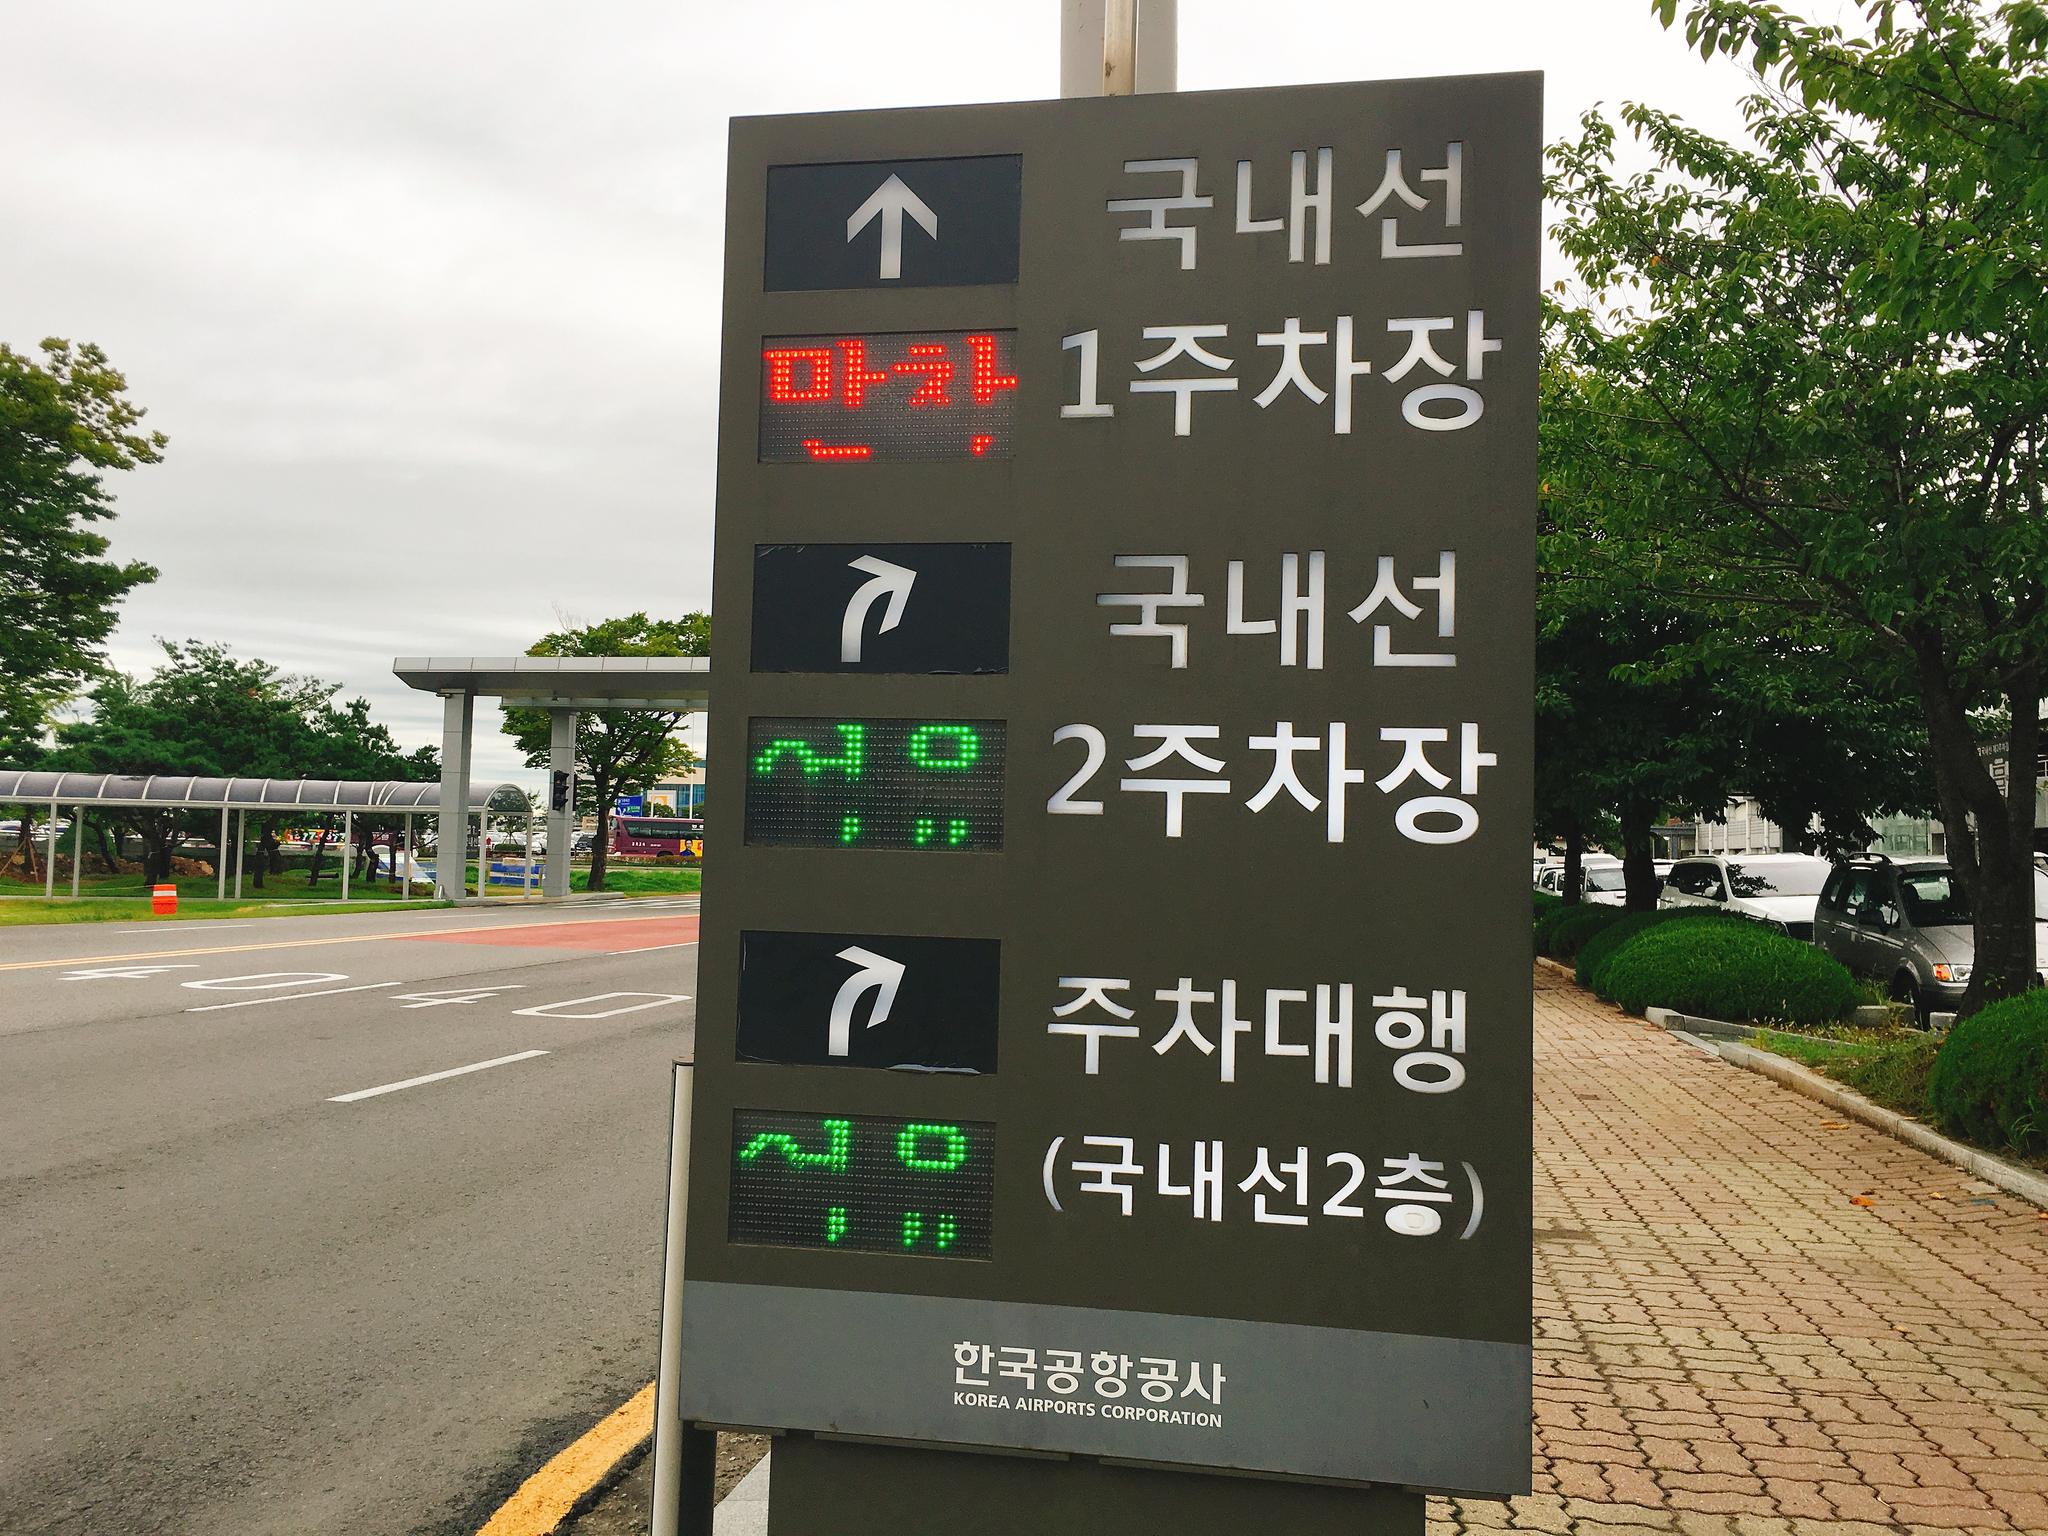 김포공항 국내선 청사와 가까운 1주차장은 주차할 곳을 찾기 어렵다. [중앙포토]